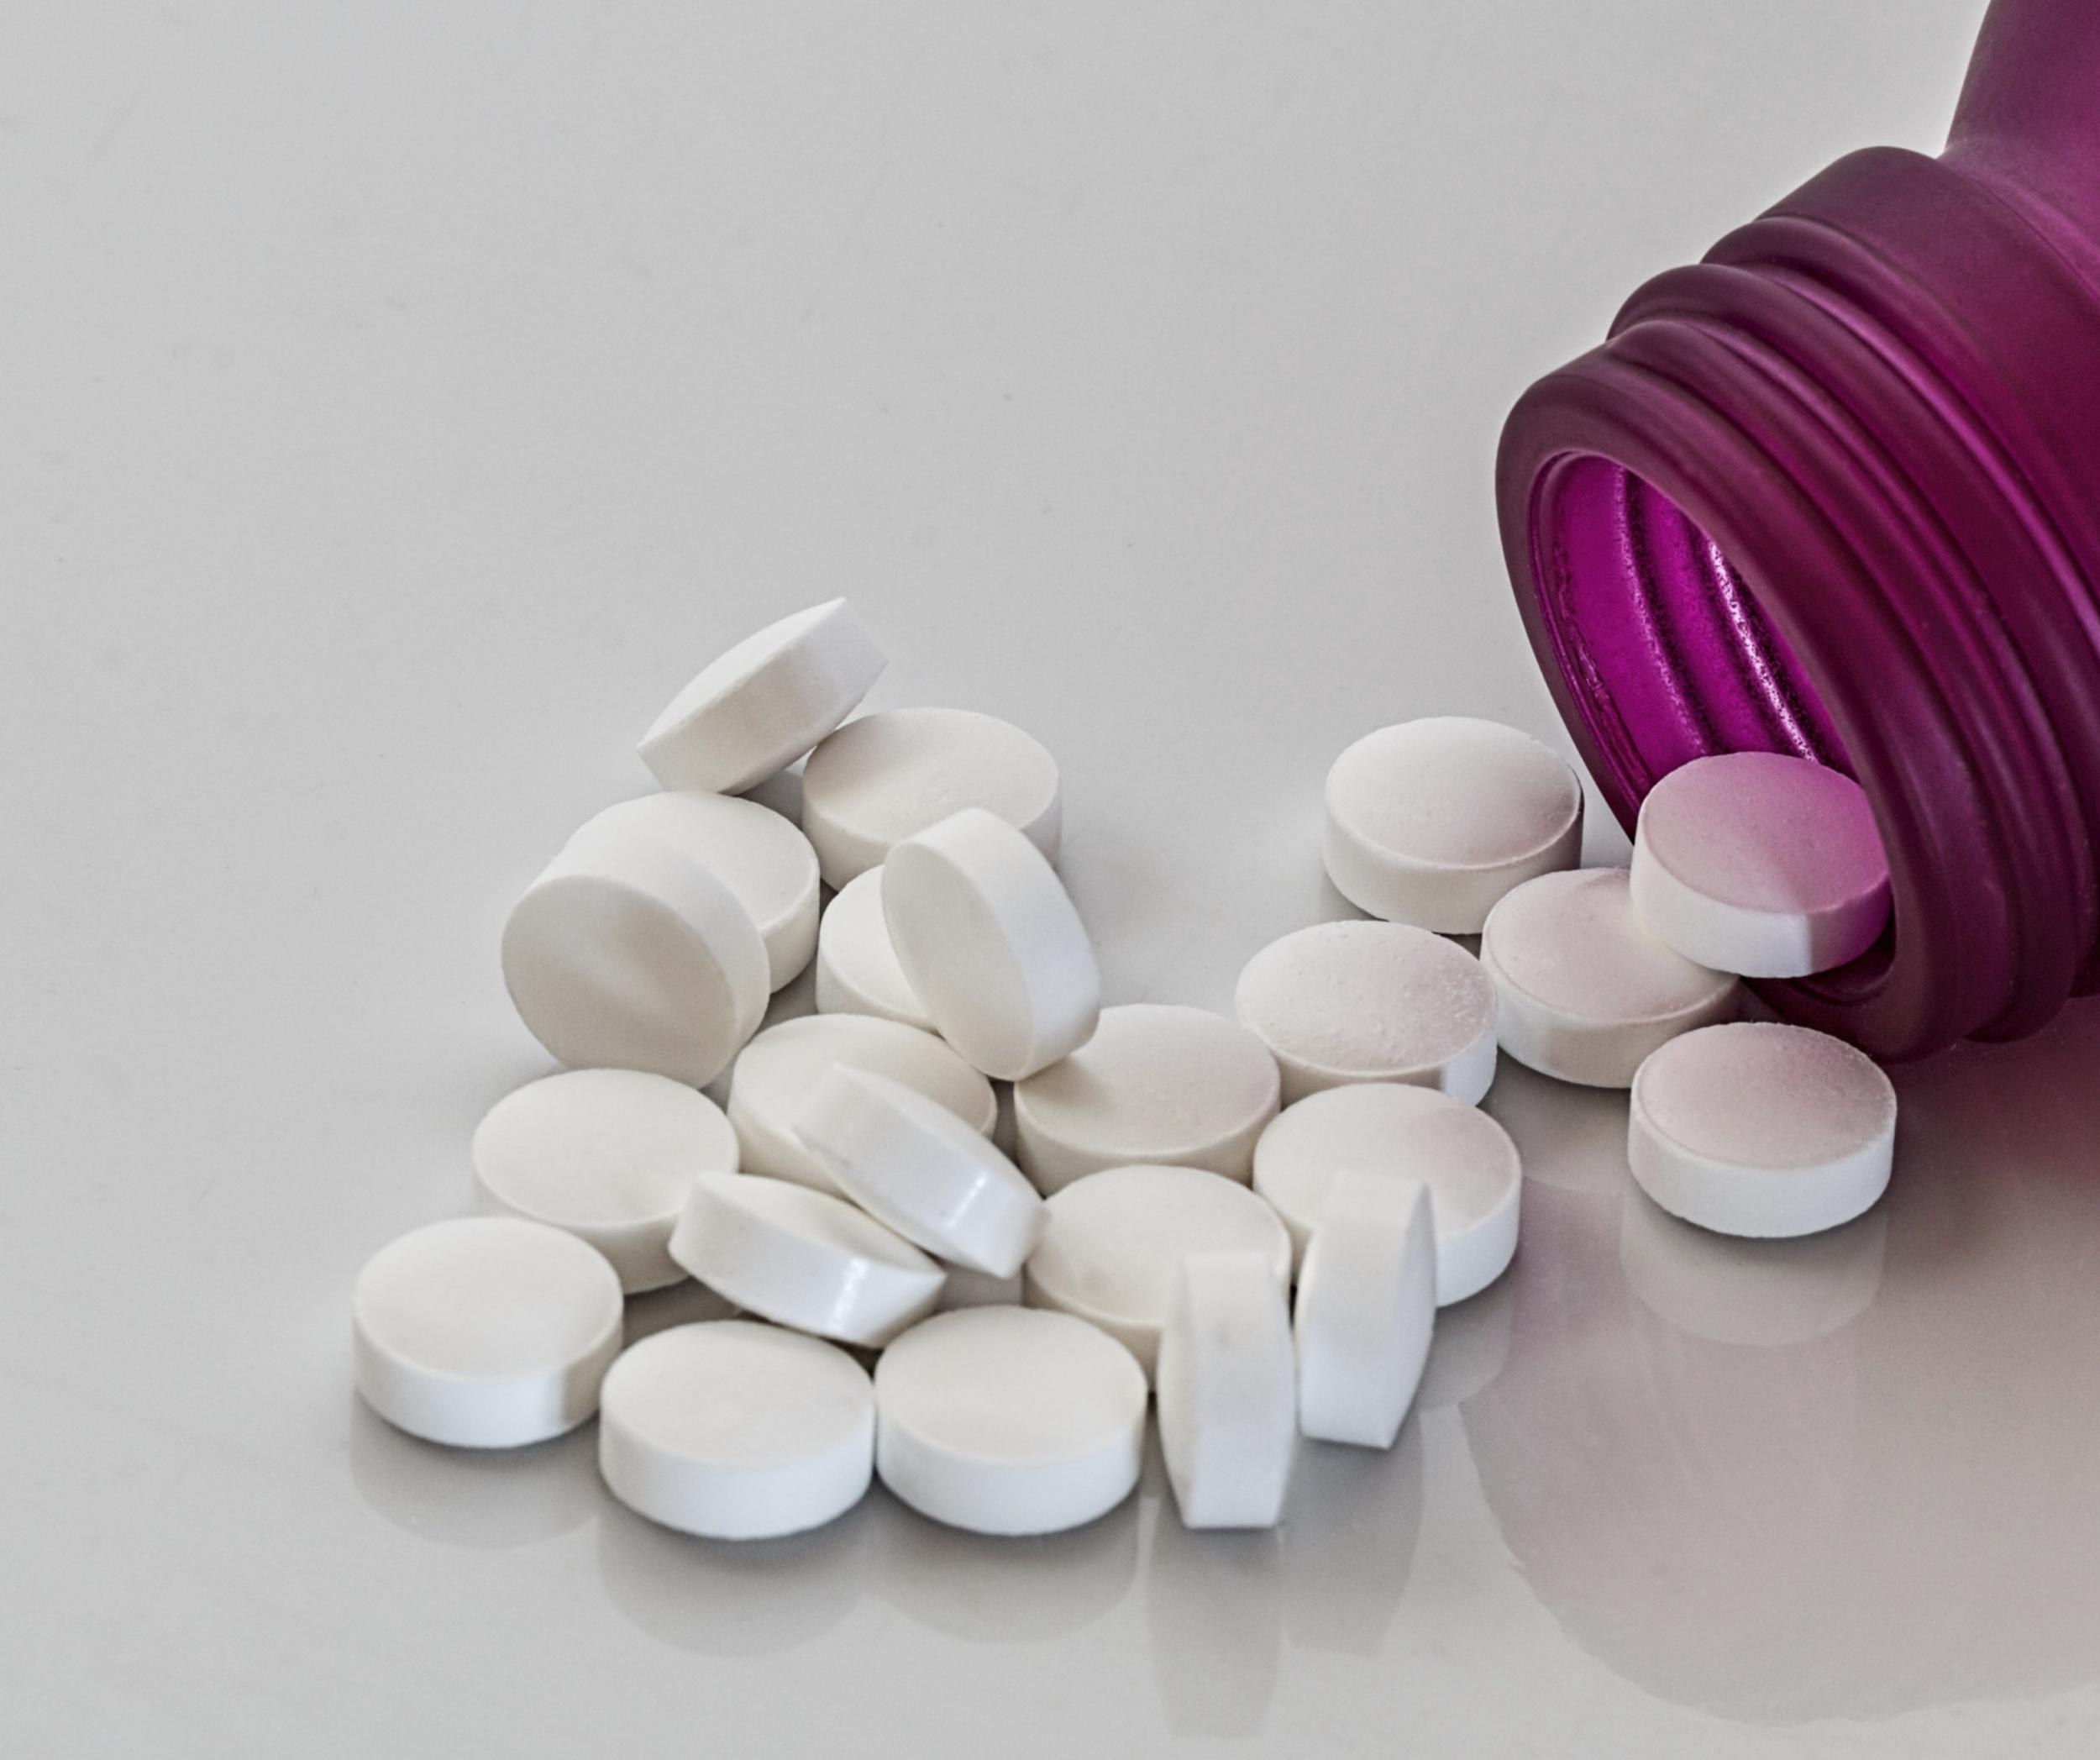 Transfer your prescriptions to Wellness Compounding